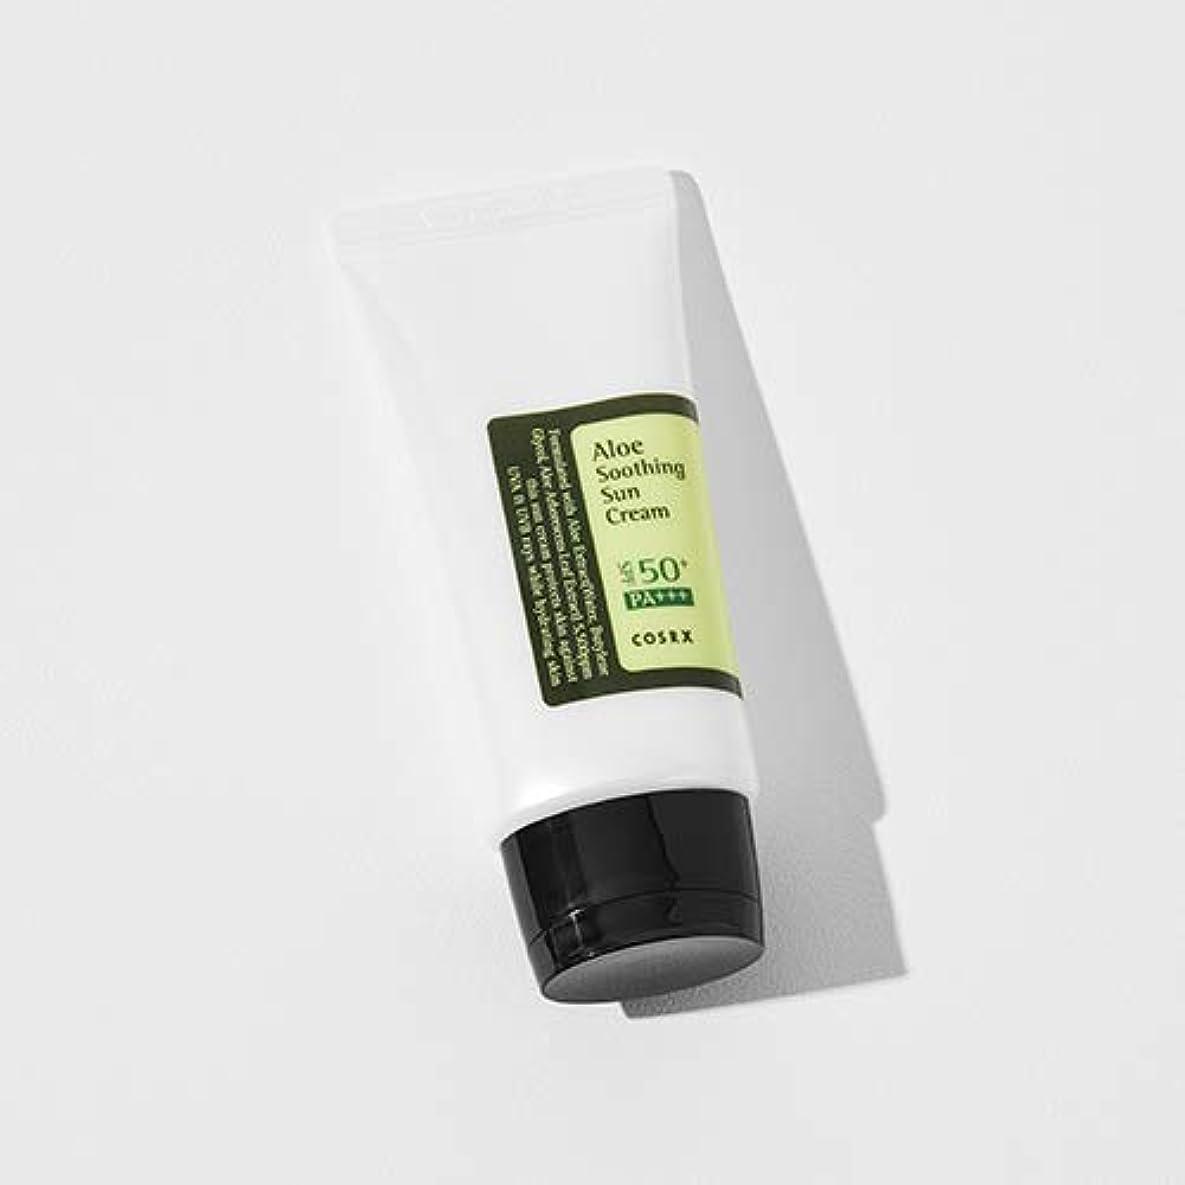 マオリ阻害するあまりにも[COSRX] Aloe Soothing Sun Cream 50ml / [COSRX] アロエ スーディング サンクリーム 50ml [並行輸入品]